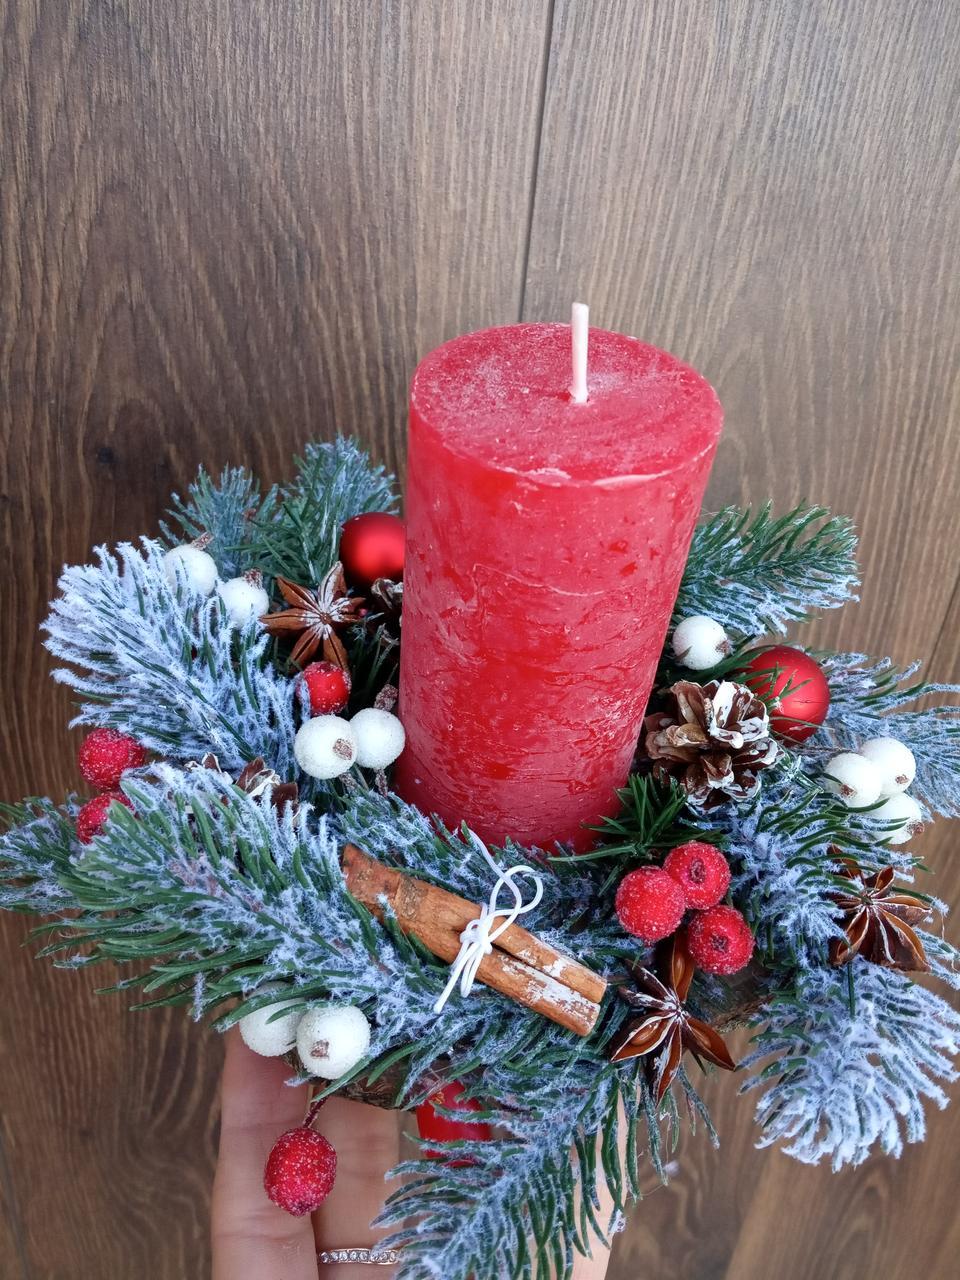 Підсвічник новорічний, різдвяний зі свічкою, Різдвяна свічка